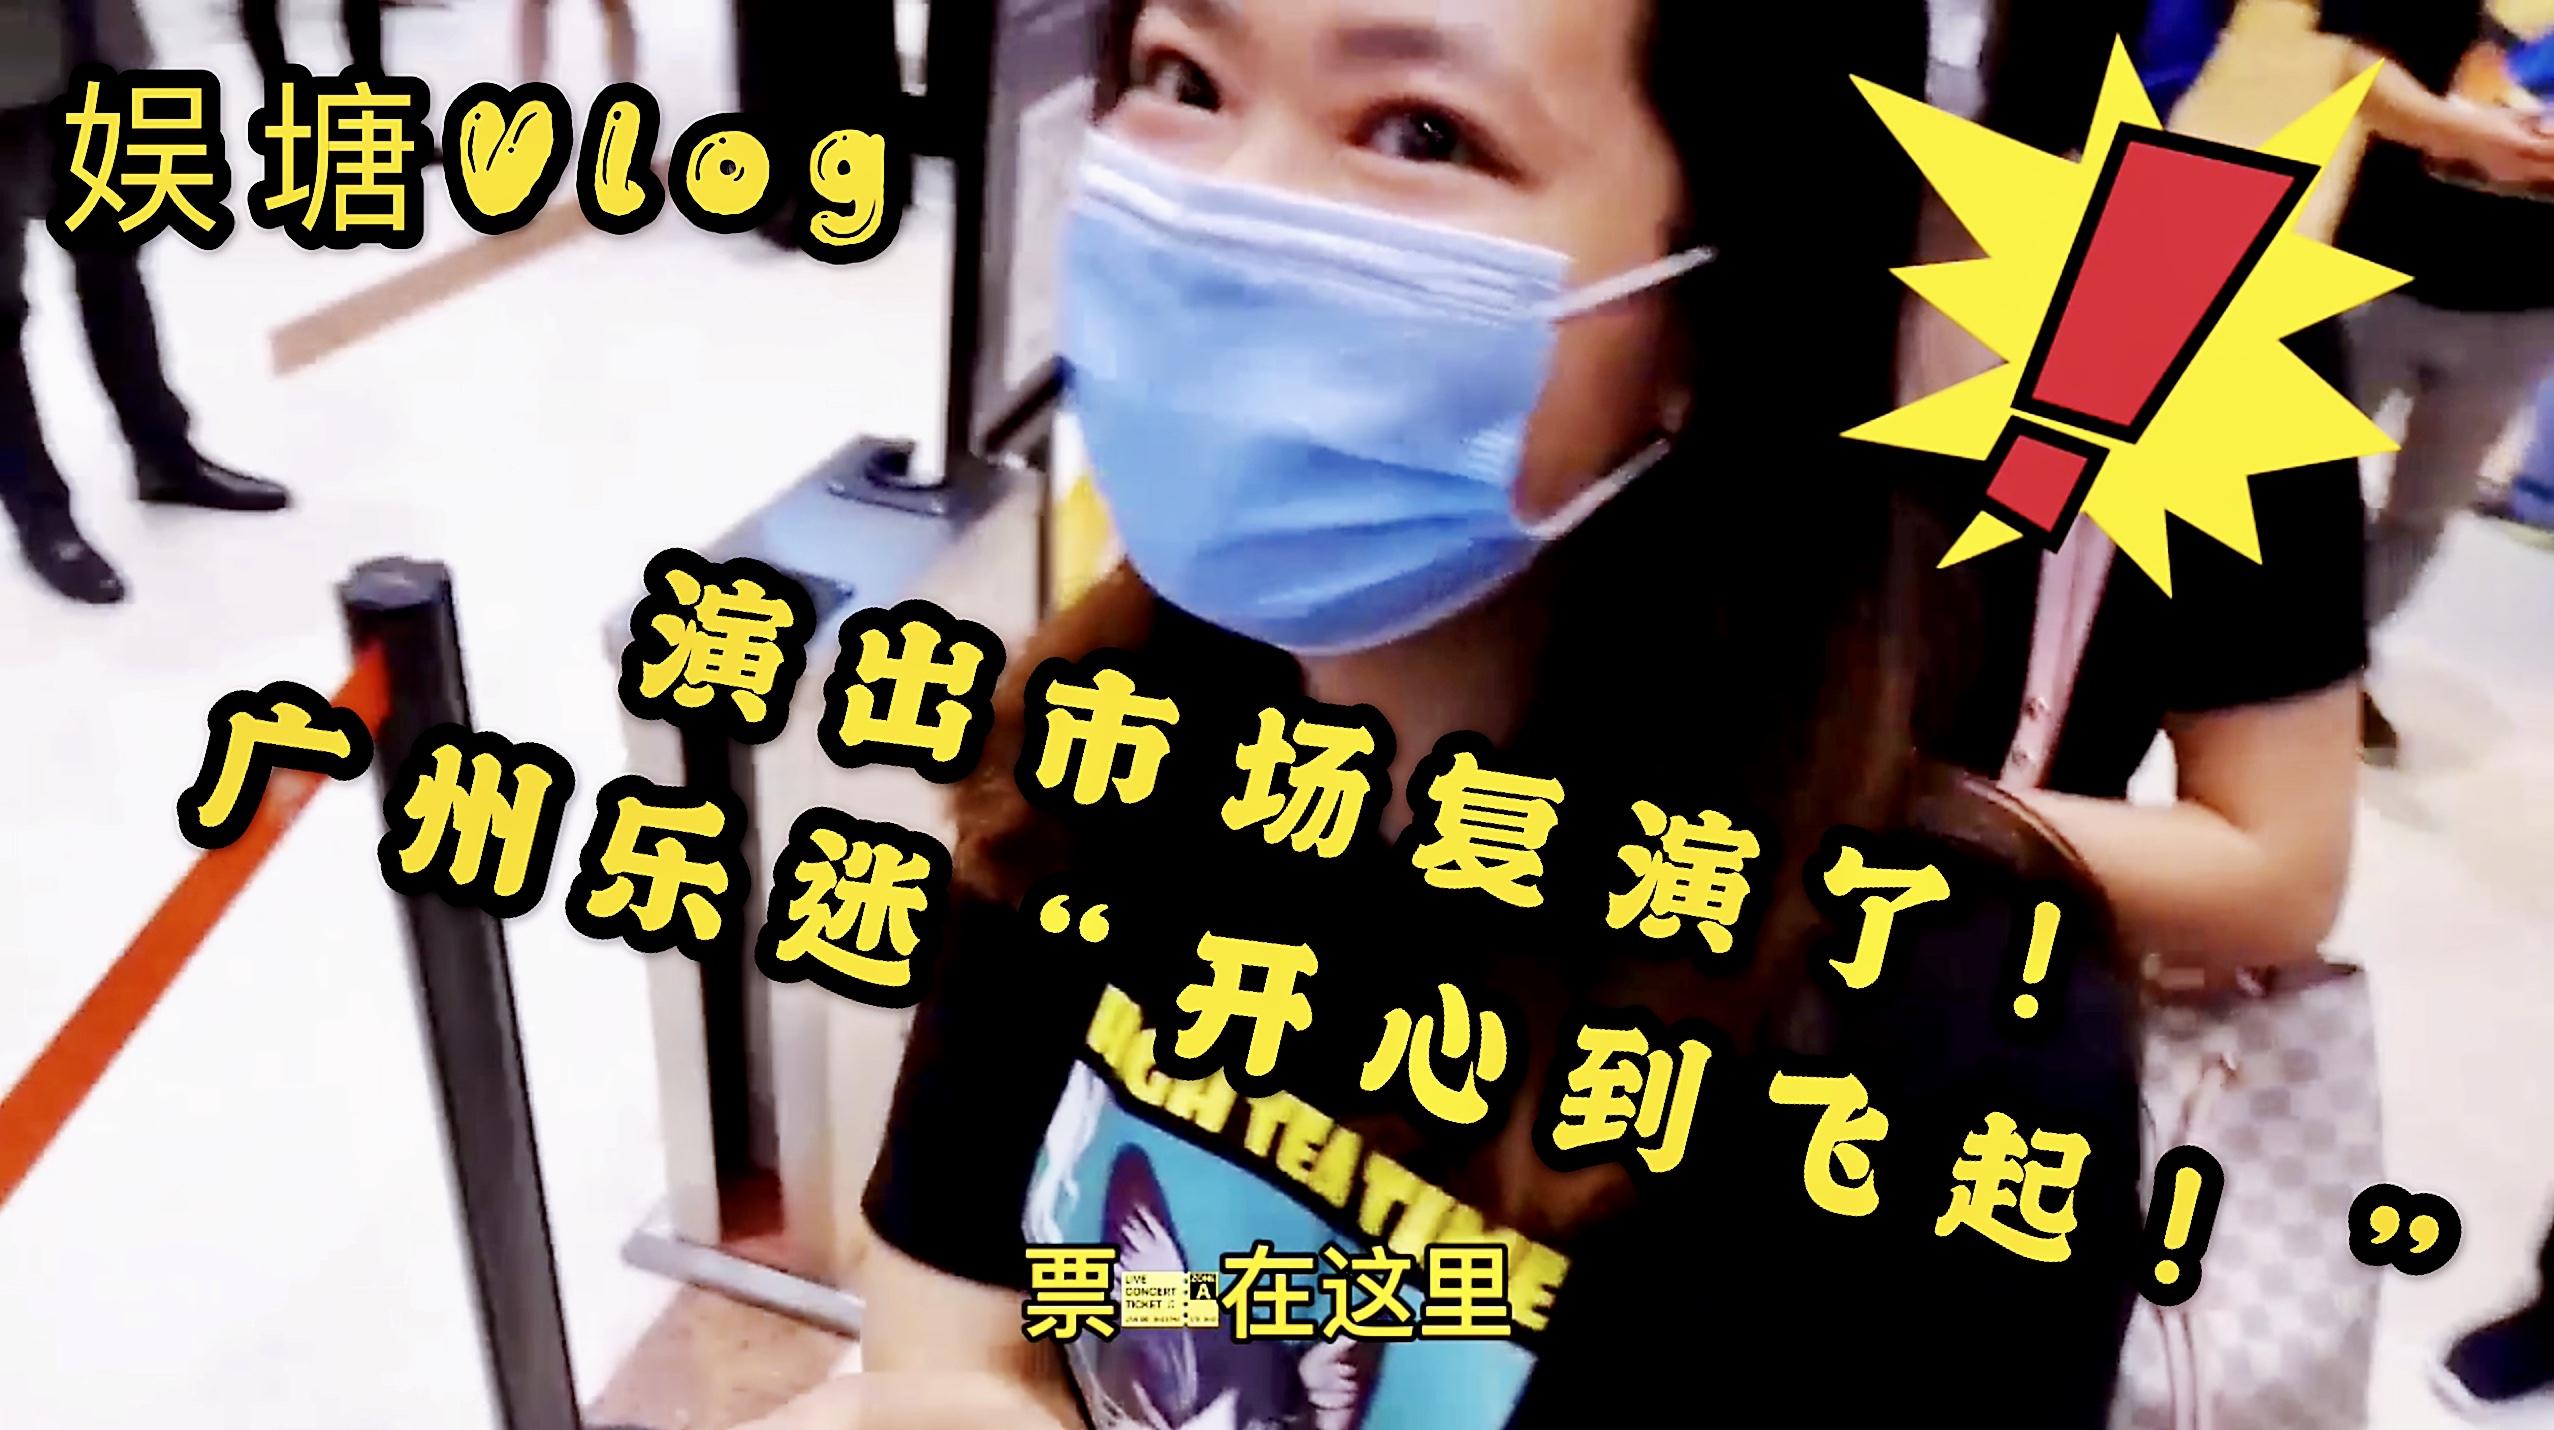 娱塘Vlog   演出市场复演了!广州乐迷究竟有多开心?看Vlog就知道了!